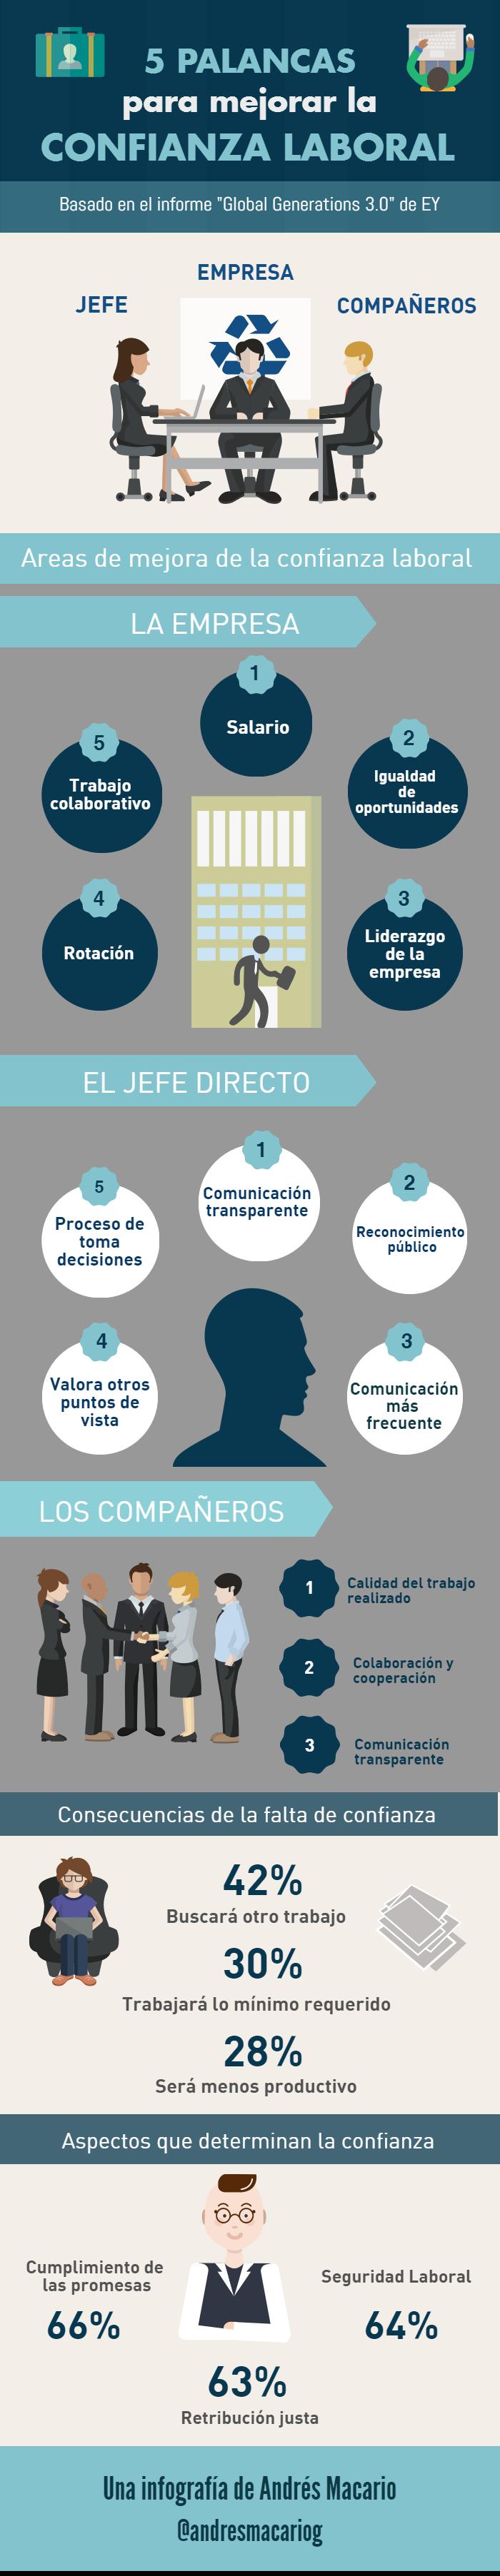 5 palancas para mejorar la confianza laboral - infografia Andres Macario